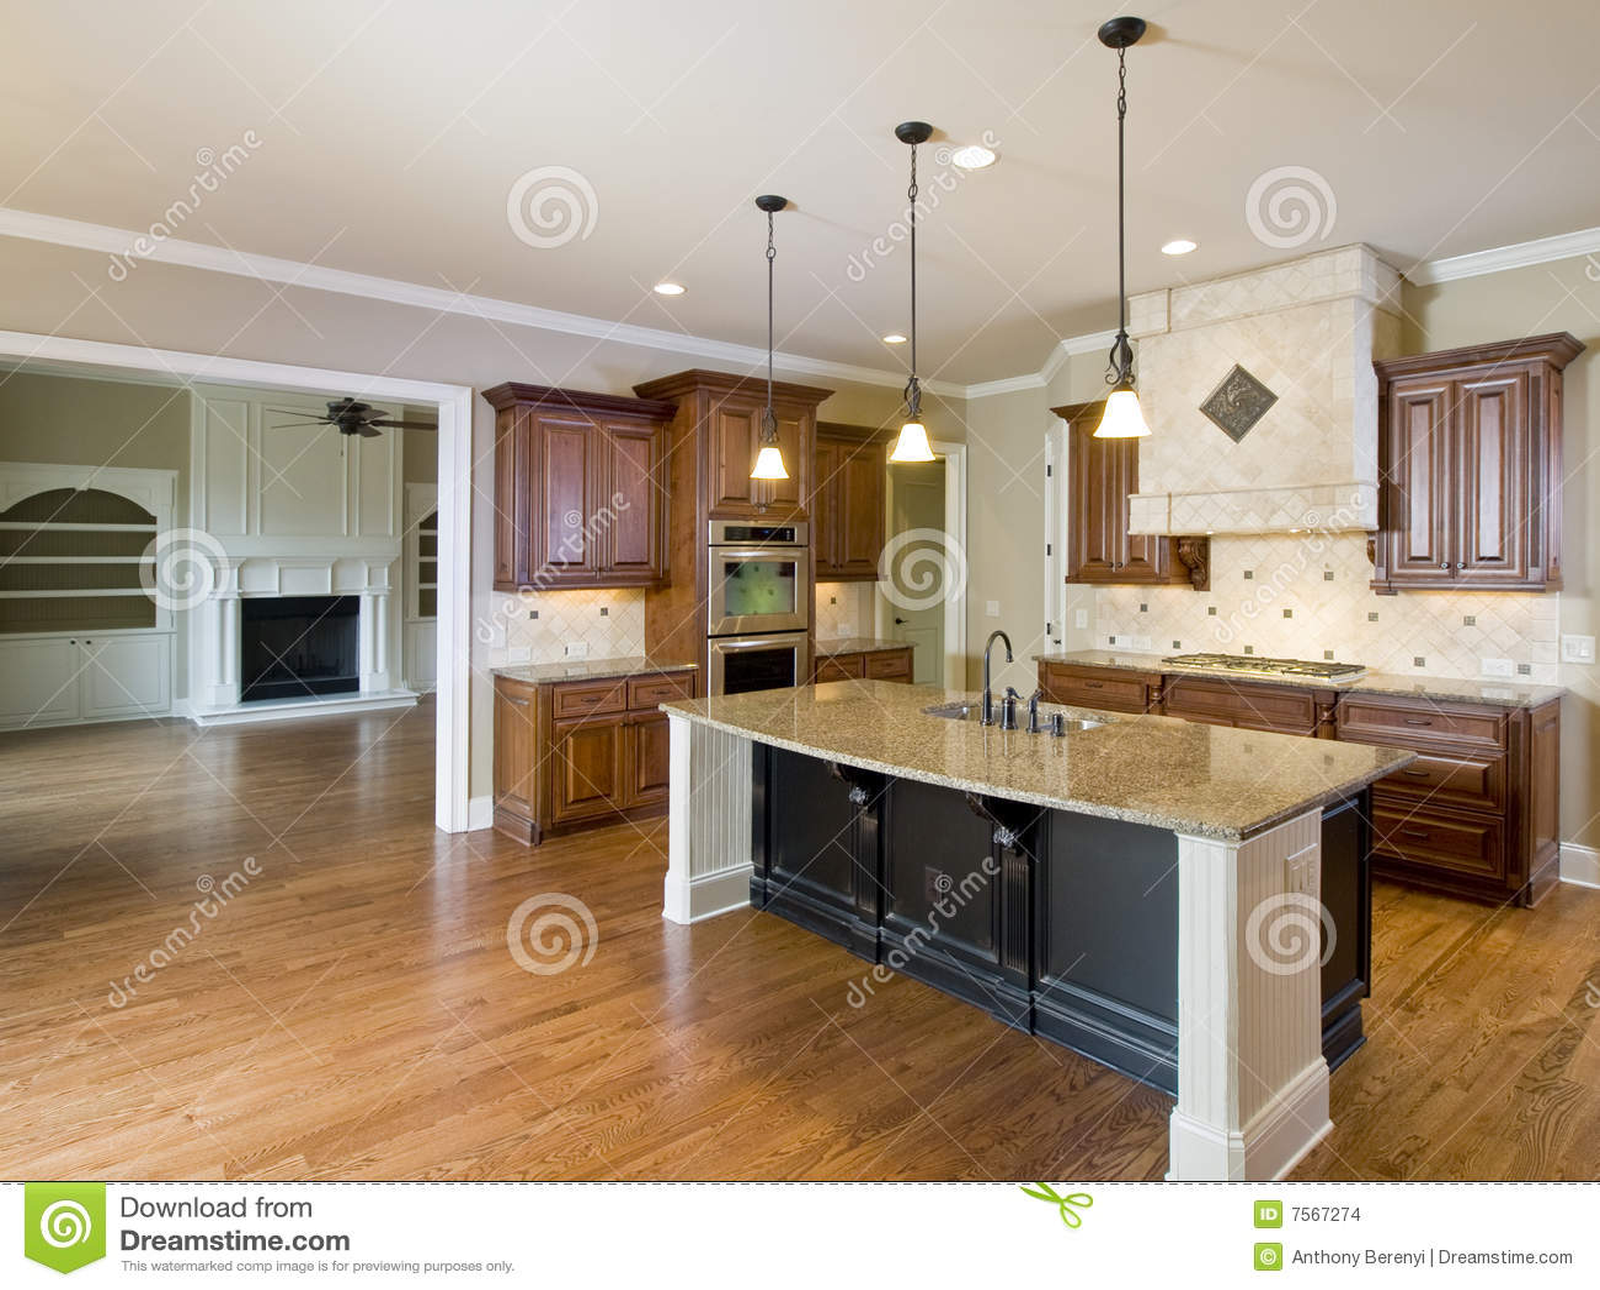 #6B4828 Cozinha E Sala De Visitas Interiores Home Luxuosas Imagens de Stock  1300x1065 px Ferramenta De Design De Cozinha On Line_794 Imagens